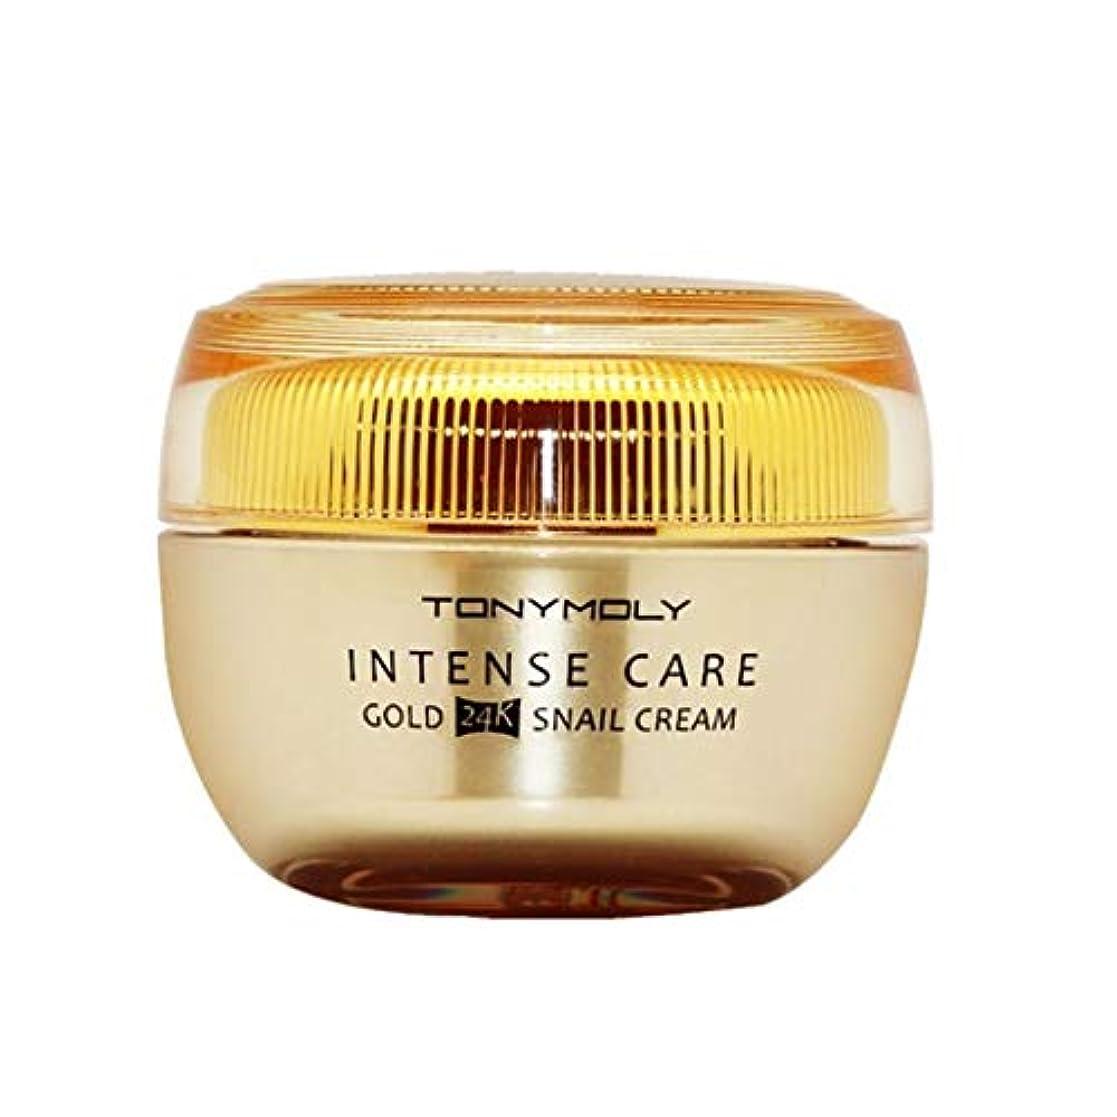 汚れたポケット雇用トニーモリーインテンスケアゴールド24Kスネールクリーム45ml x 2本セット美白、シワ改善クリーム、Tonymoly Intense Care Gold 24K Snail Cream 45ml x 2ea Set...